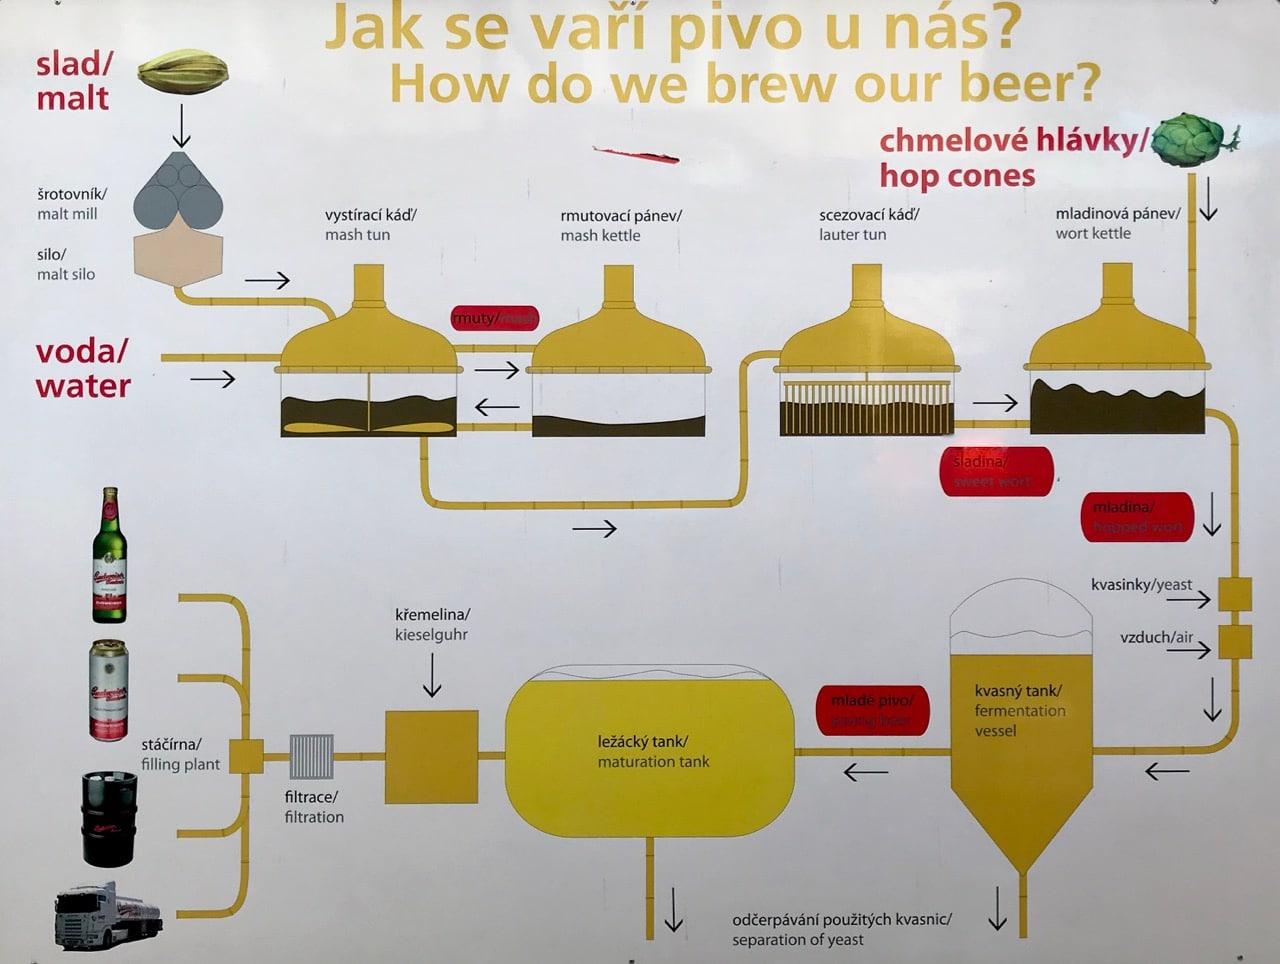 Budvar Beer Process - Original Budvar Budweiser Brewery.jpg